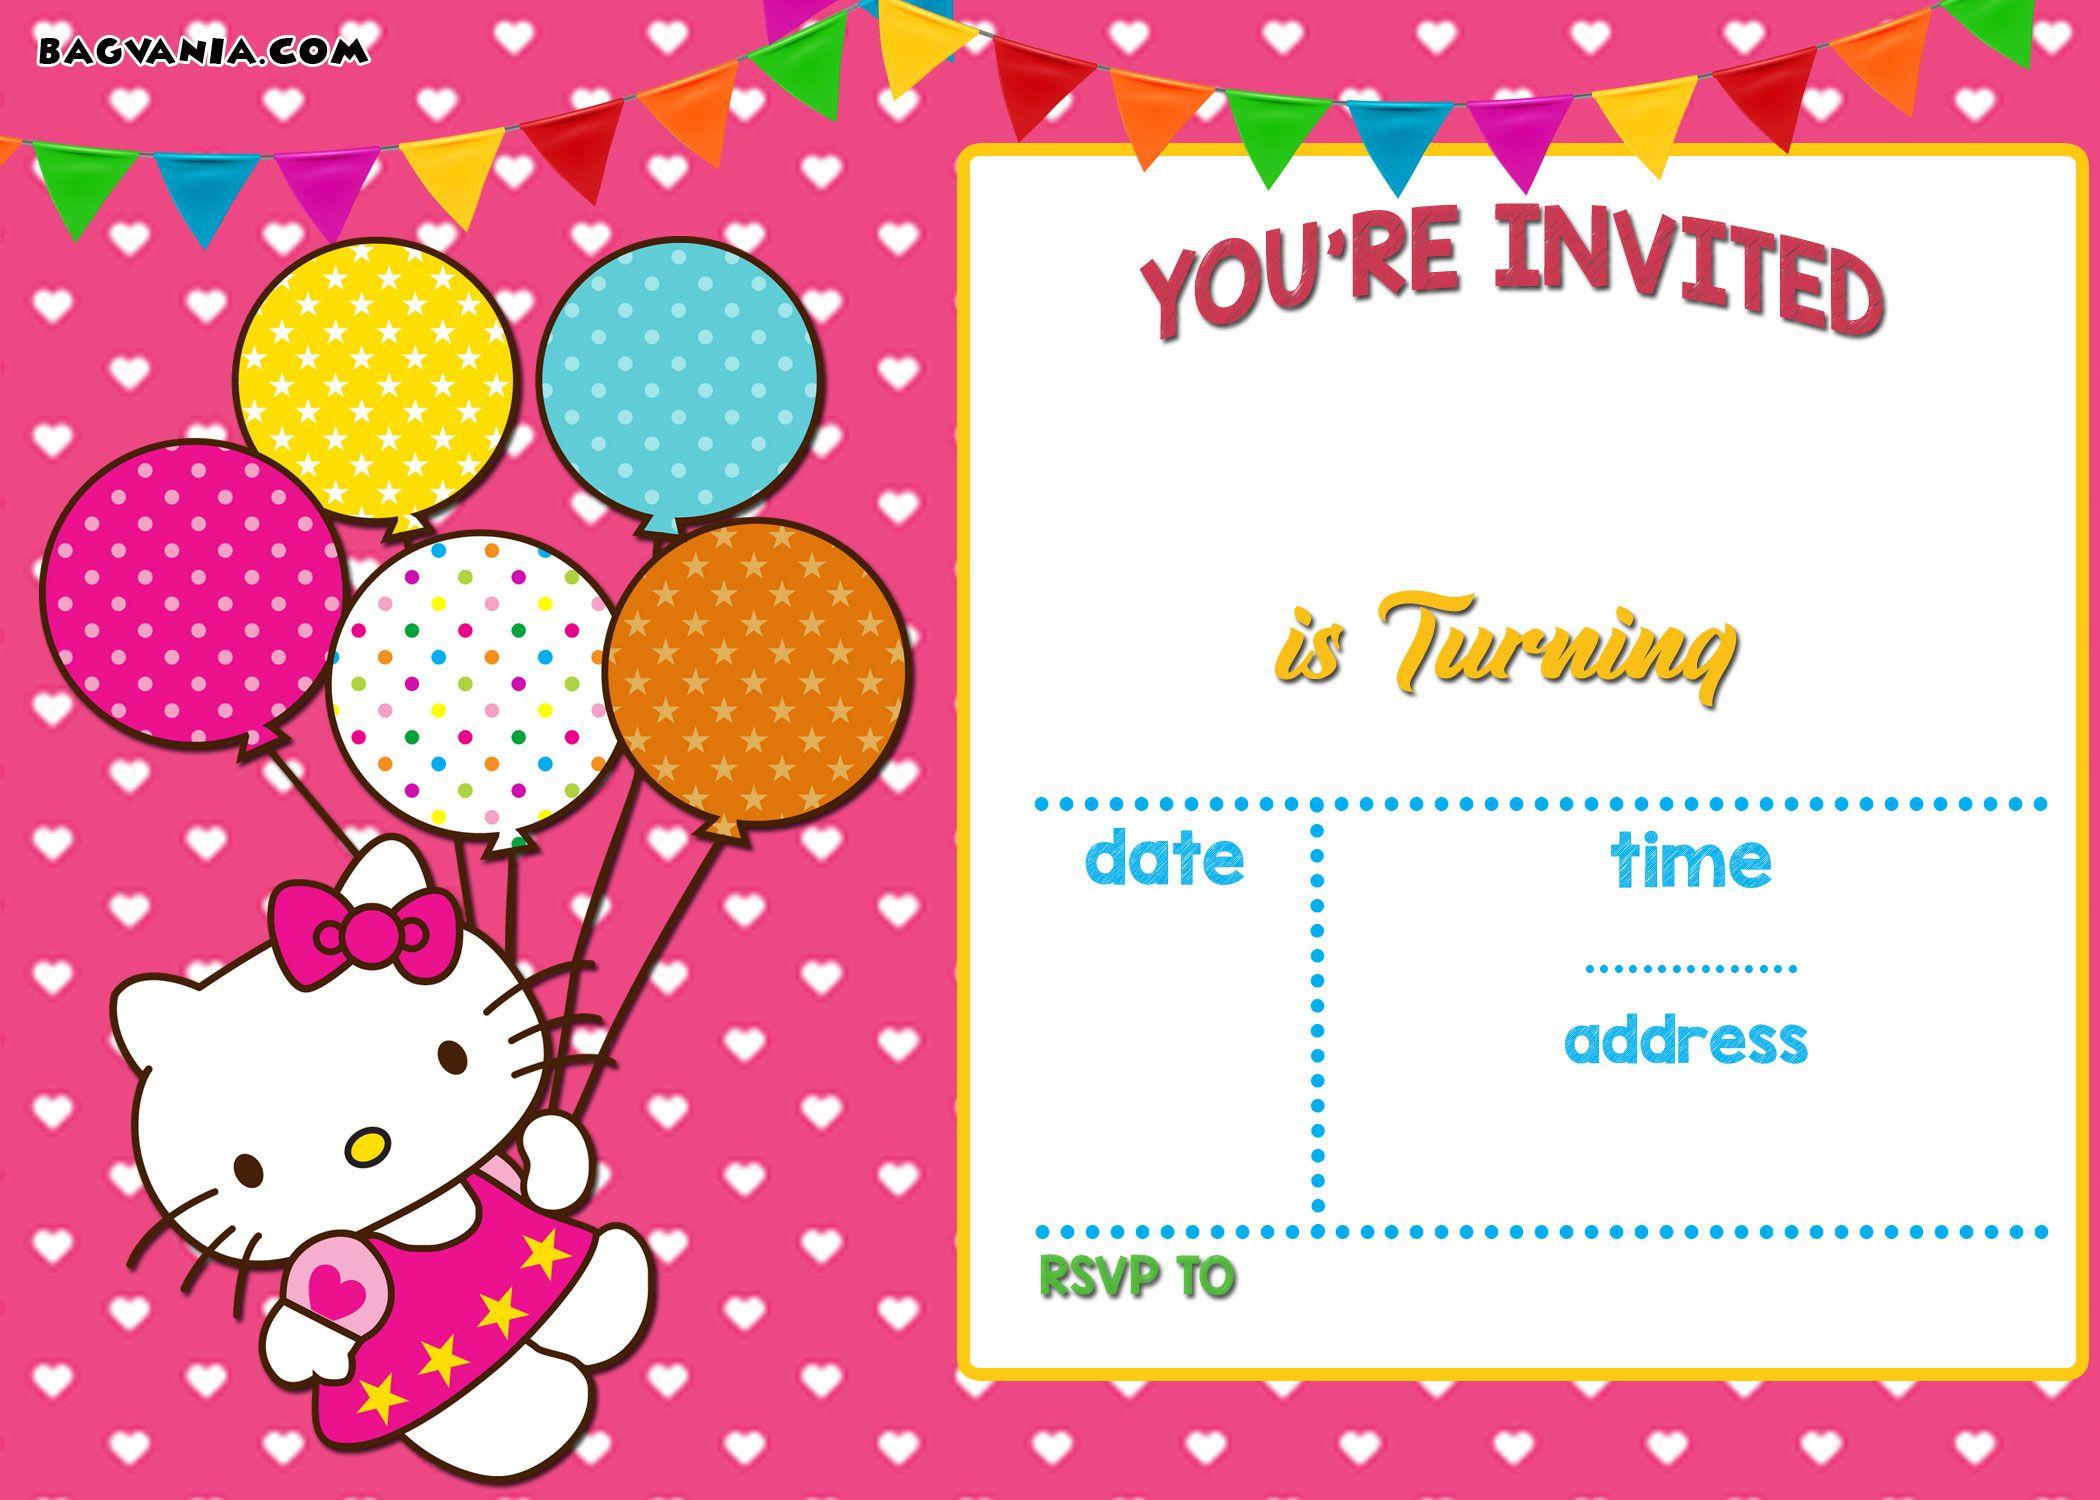 O Kitty Invitation Templates